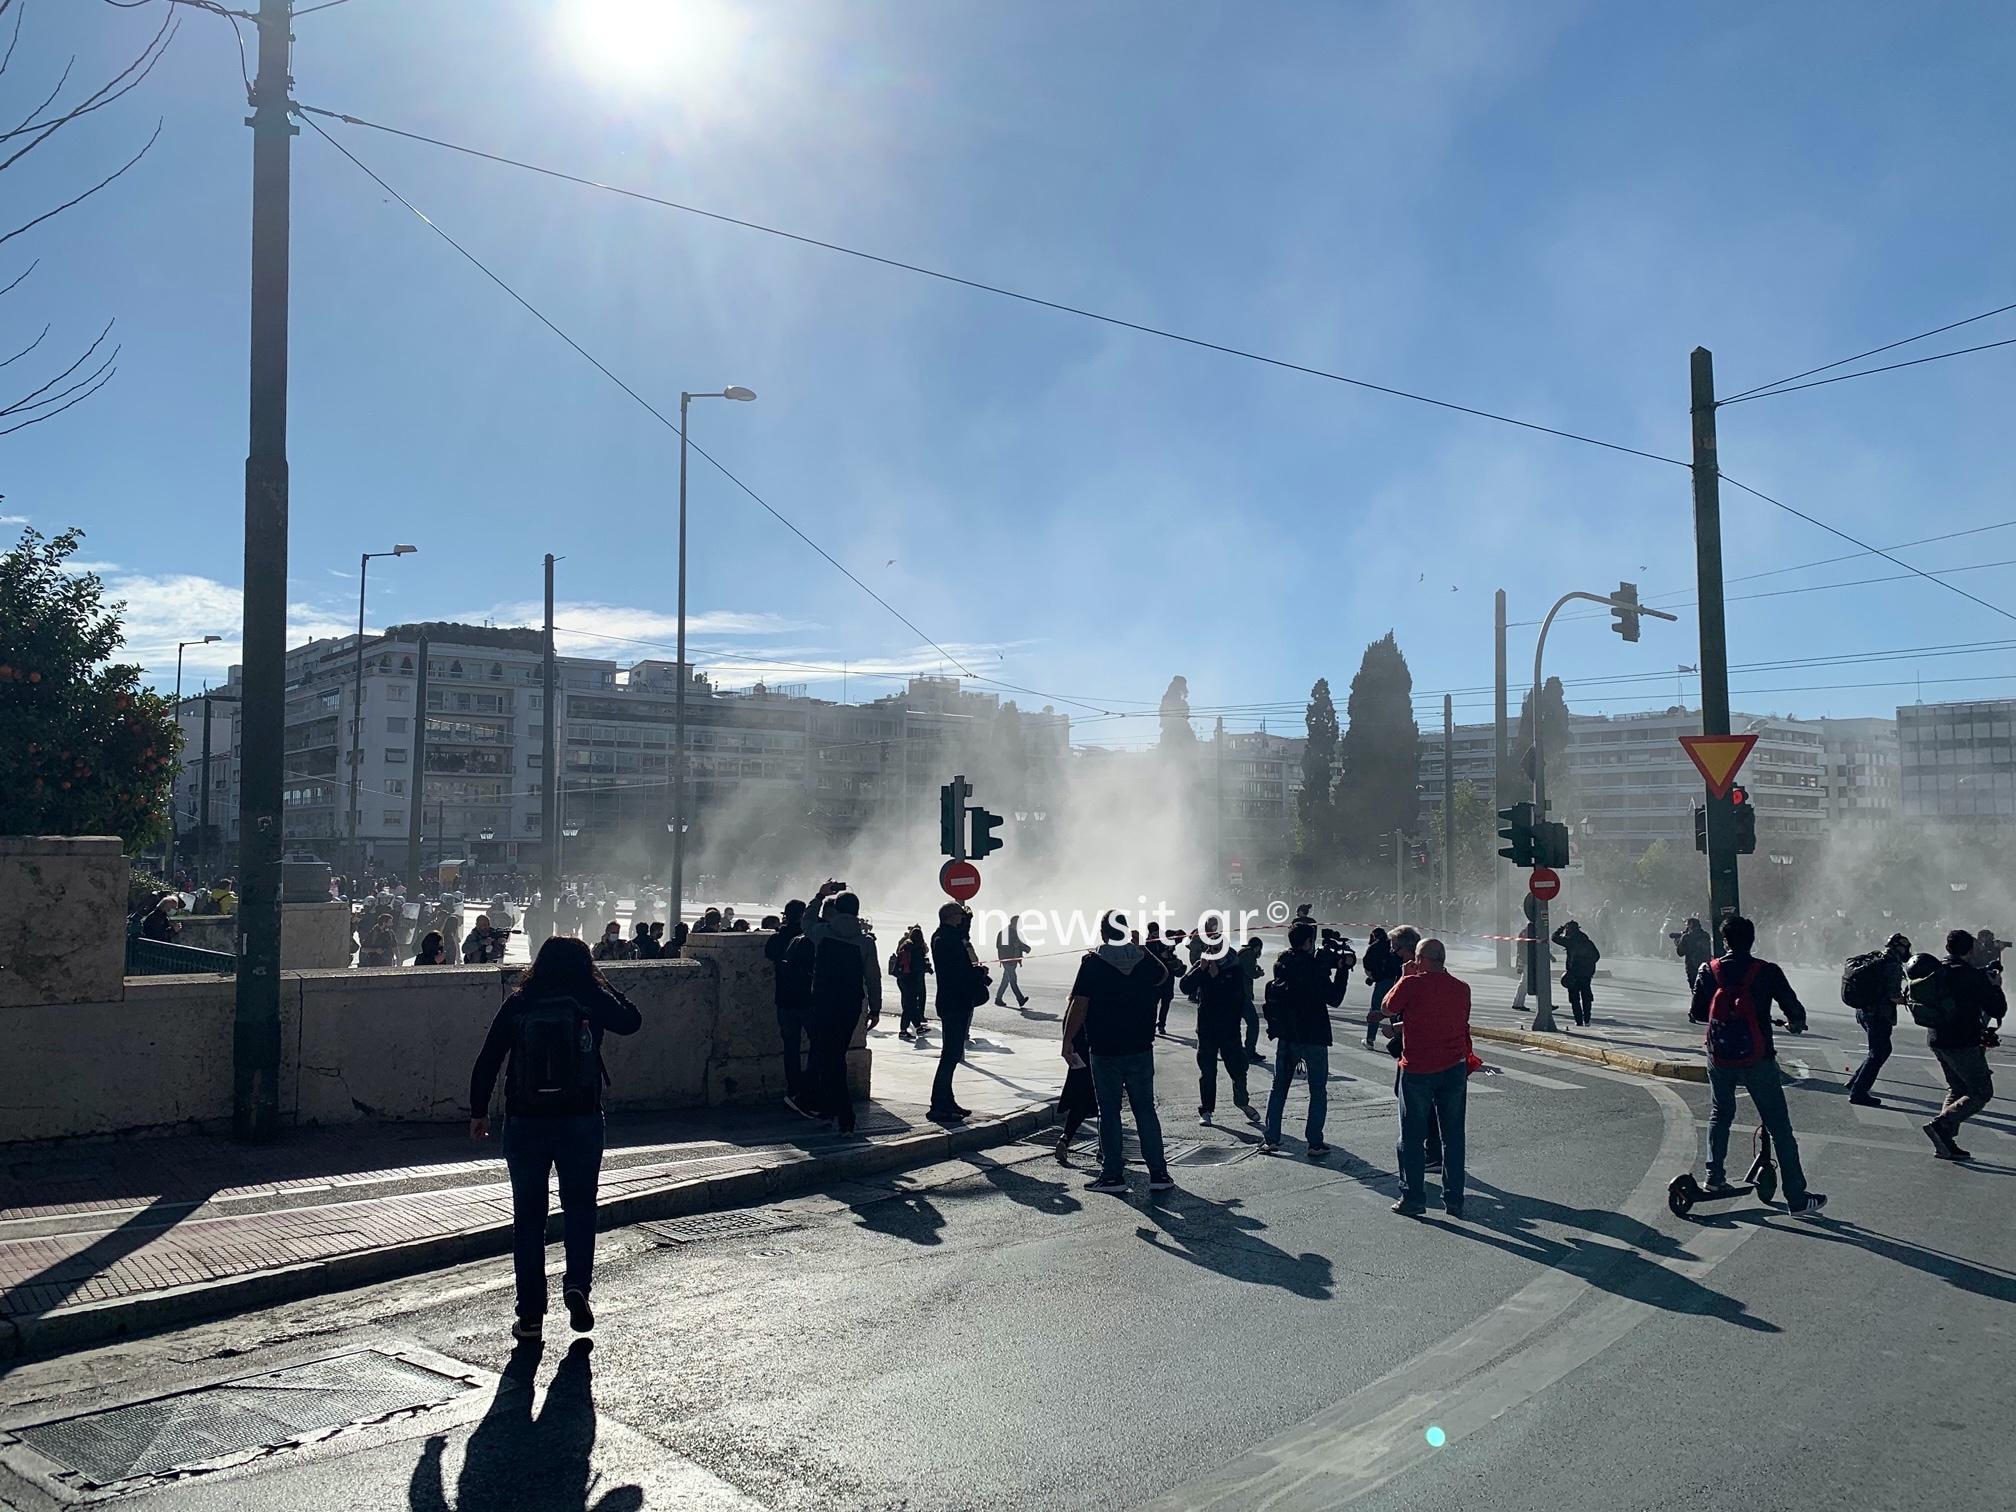 Με μικροένταση έληξε το πανεκπαιδευτικό συλλαλητήριο στην Αθήνα